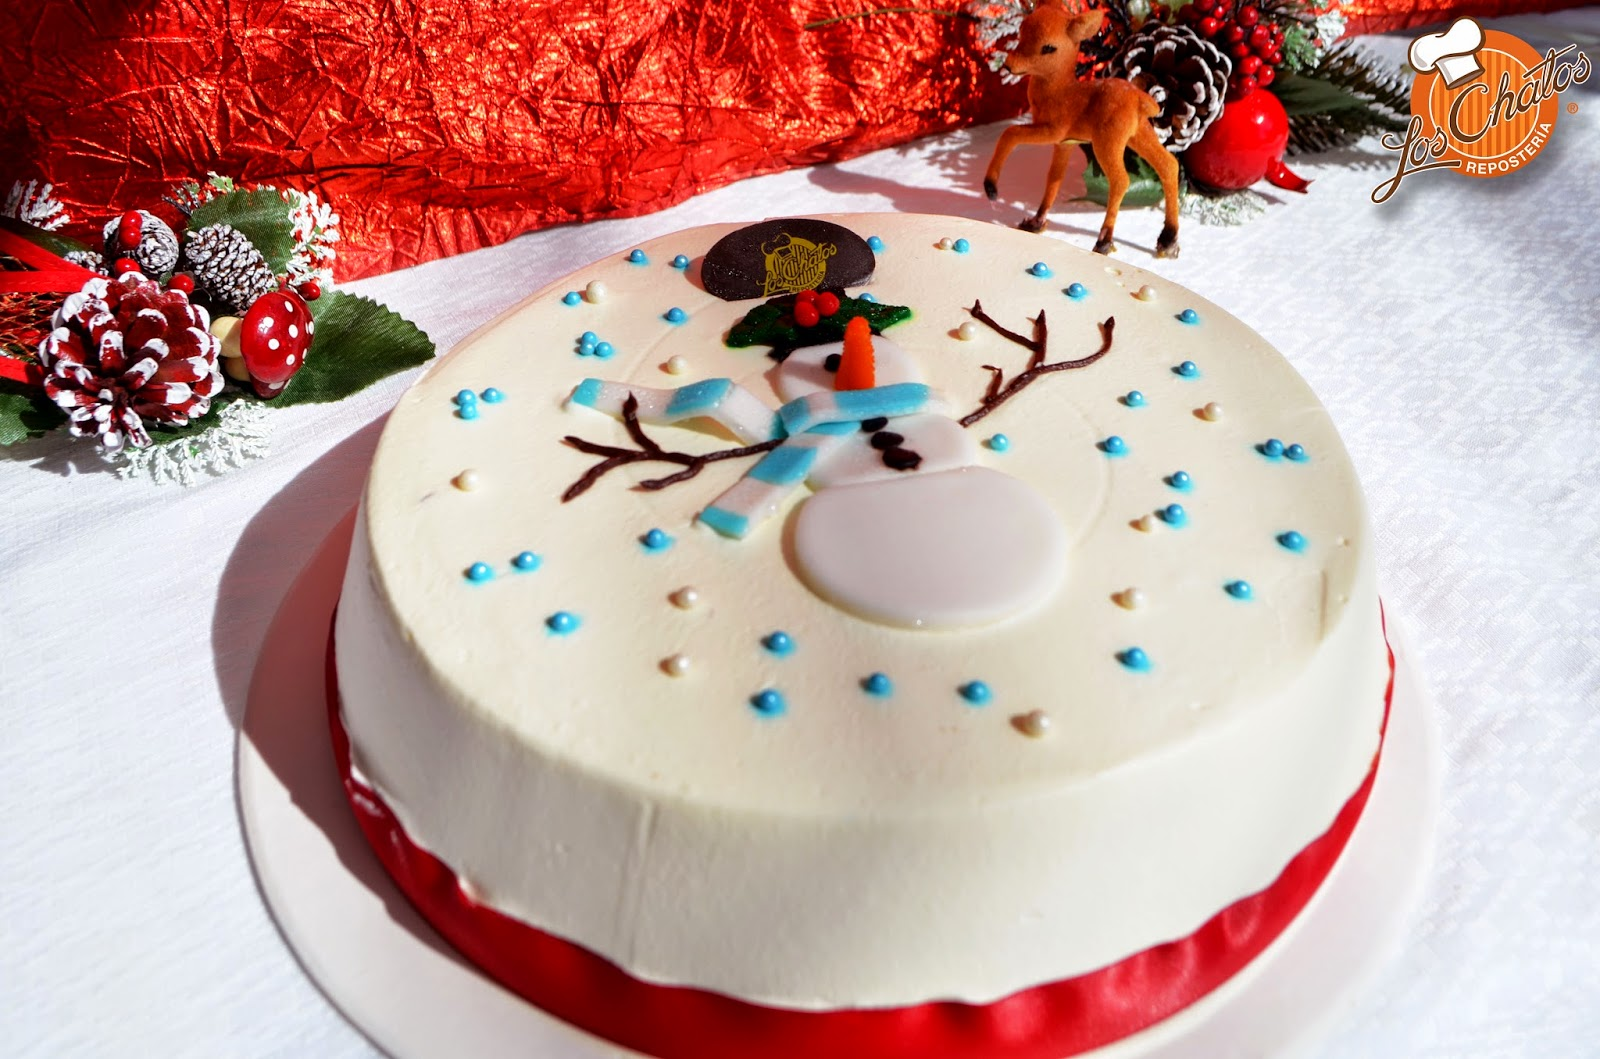 Los chatos navidad 2014 detalles para esta ocasi n especial - Adornos de navidad 2014 ...